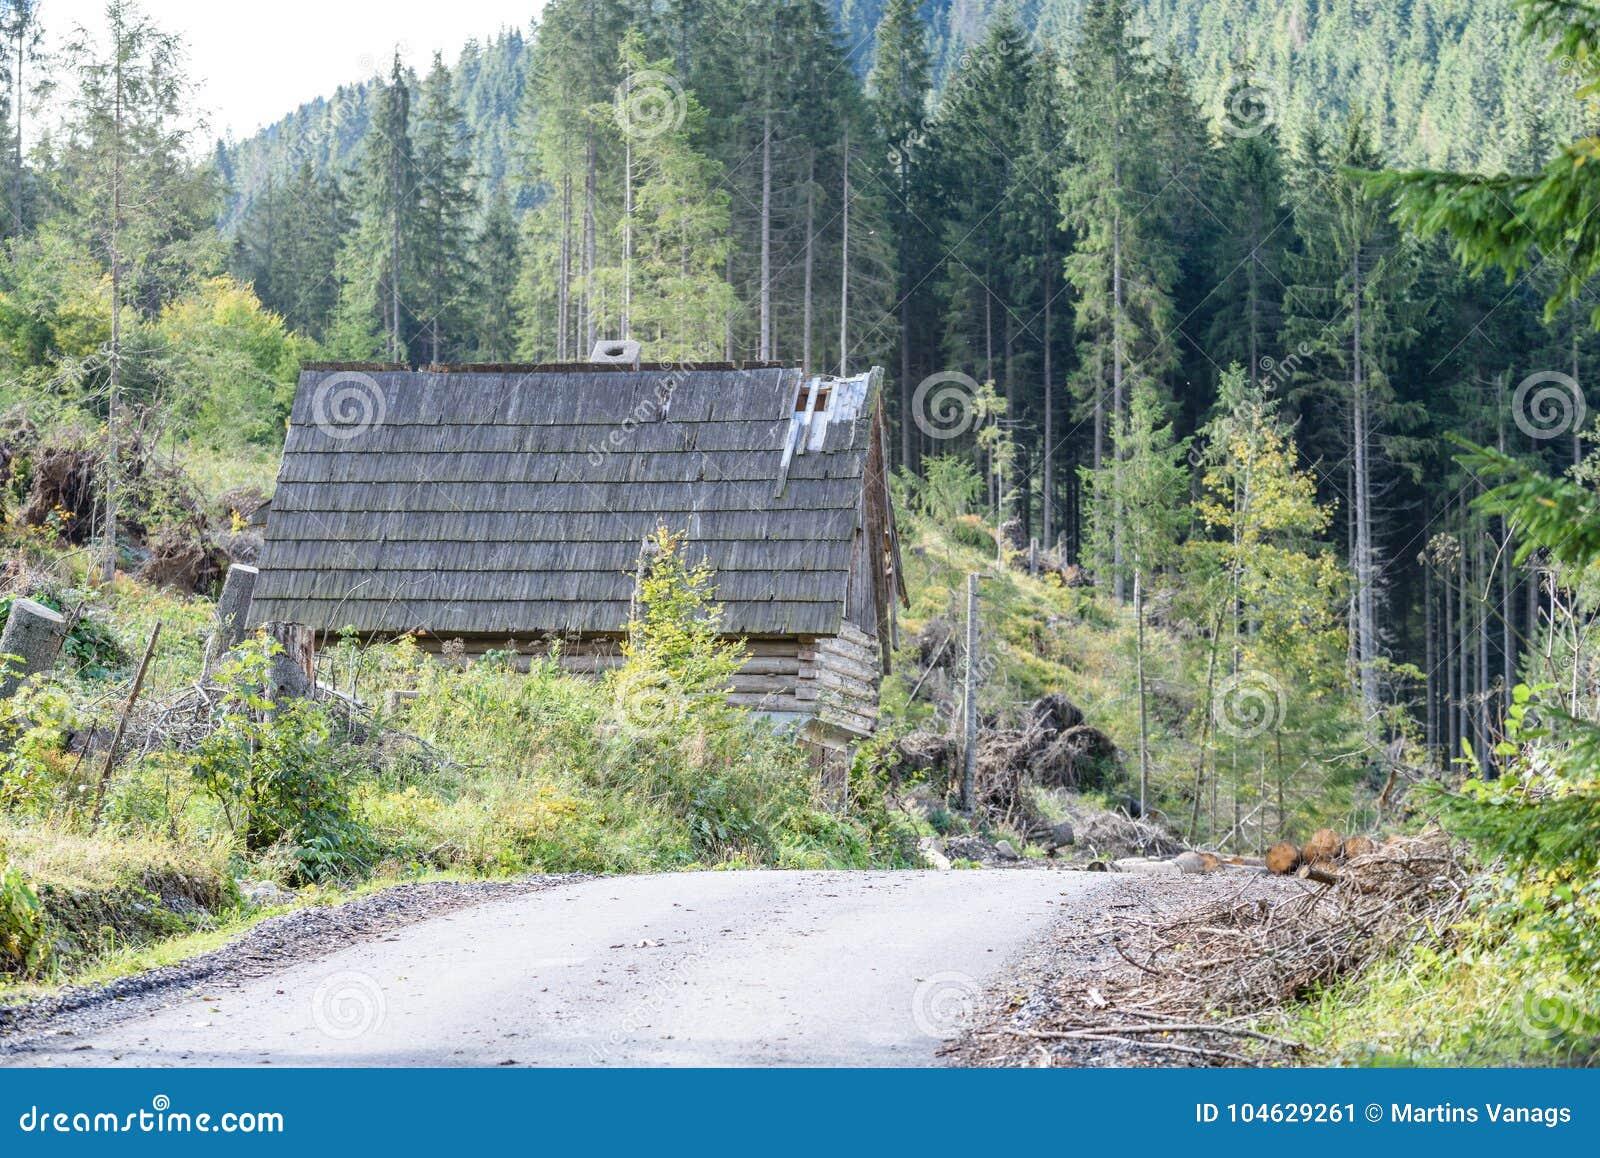 Download Lege Asfaltweg In Het Platteland In De Zomer Stock Afbeelding - Afbeelding bestaande uit contrast, vakantie: 104629261